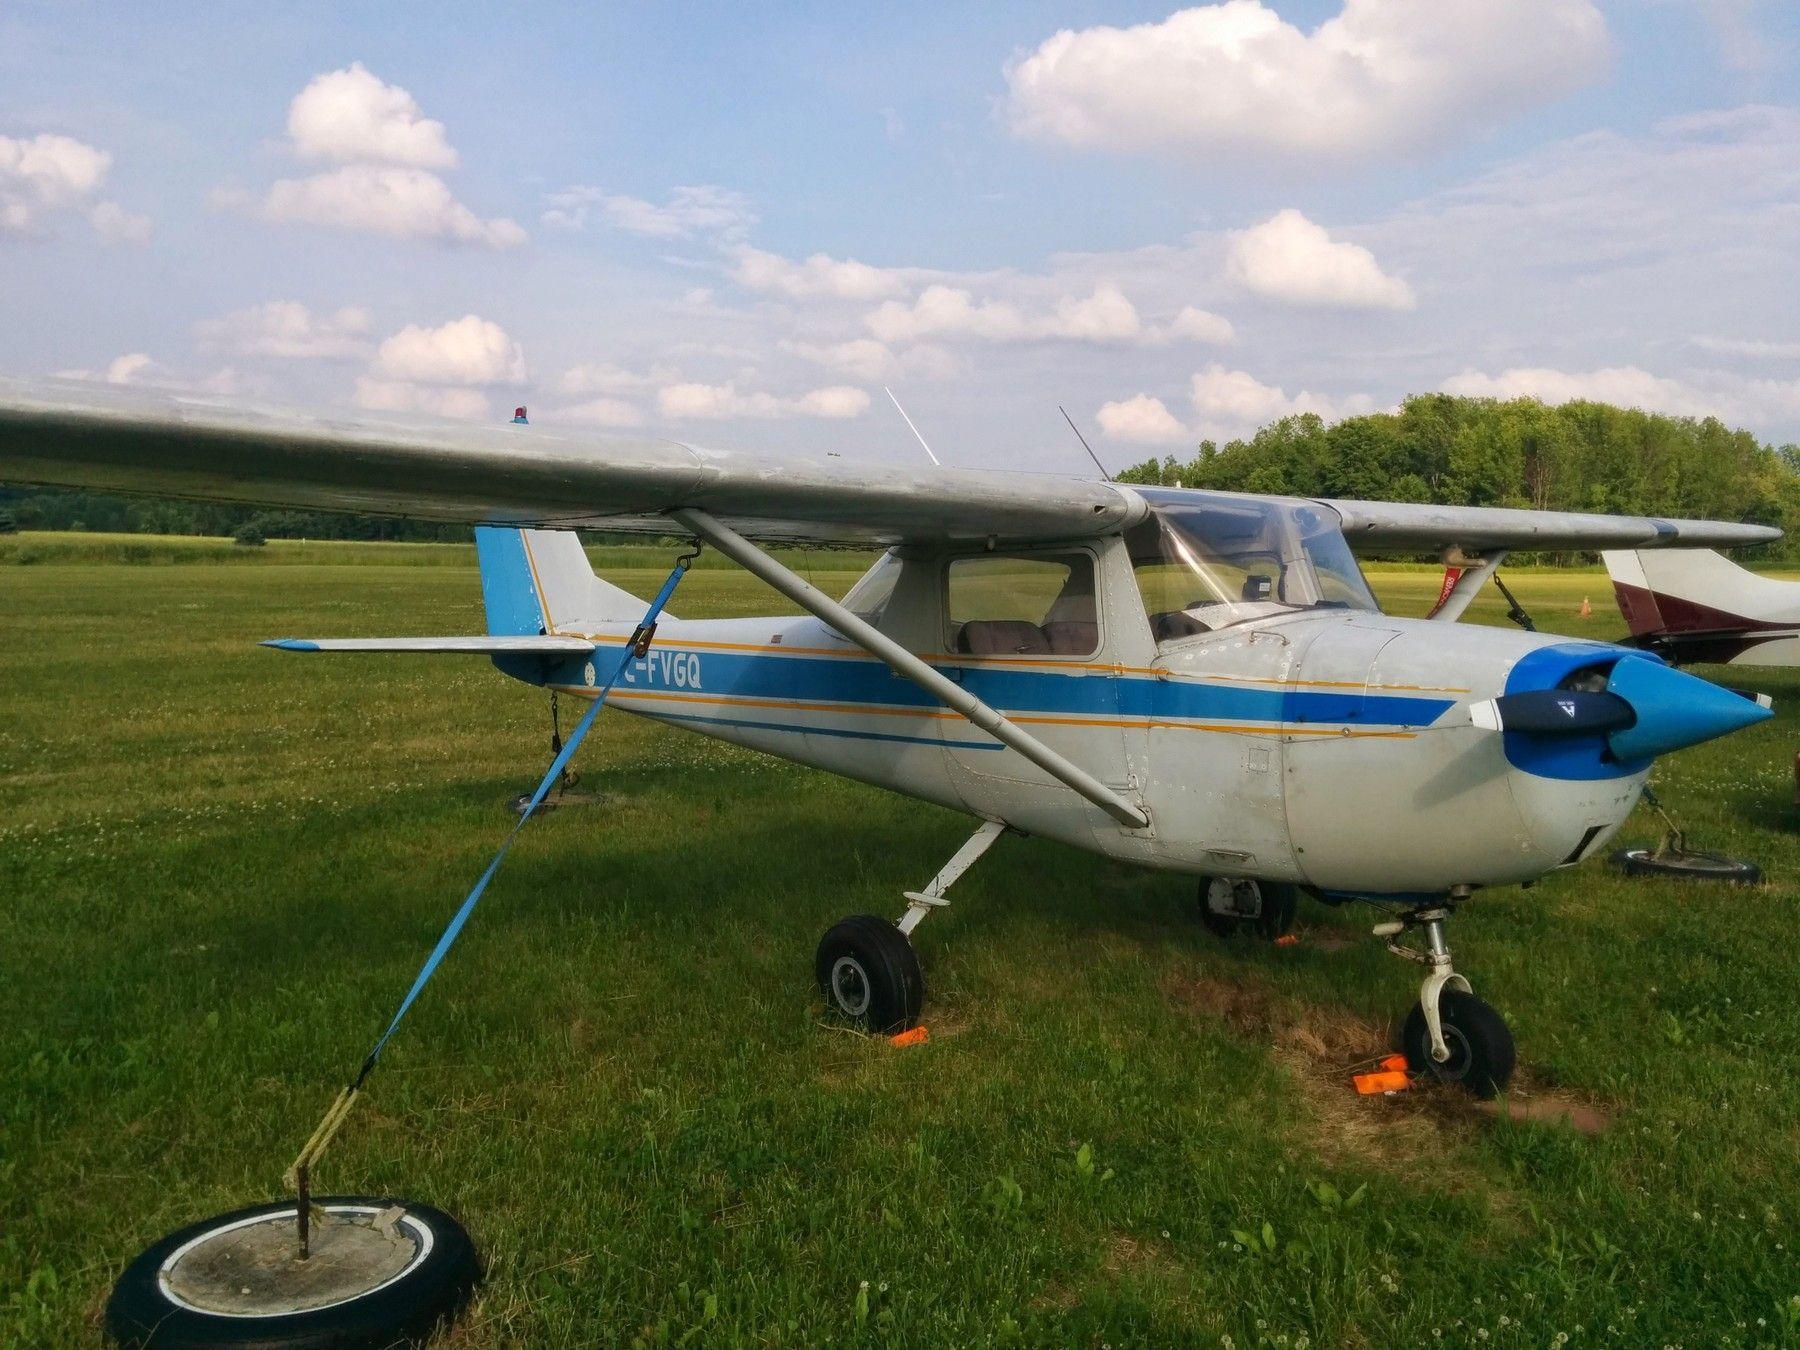 1966 Cessna 150G for sale in (CZBA) Burlington, ON Canada